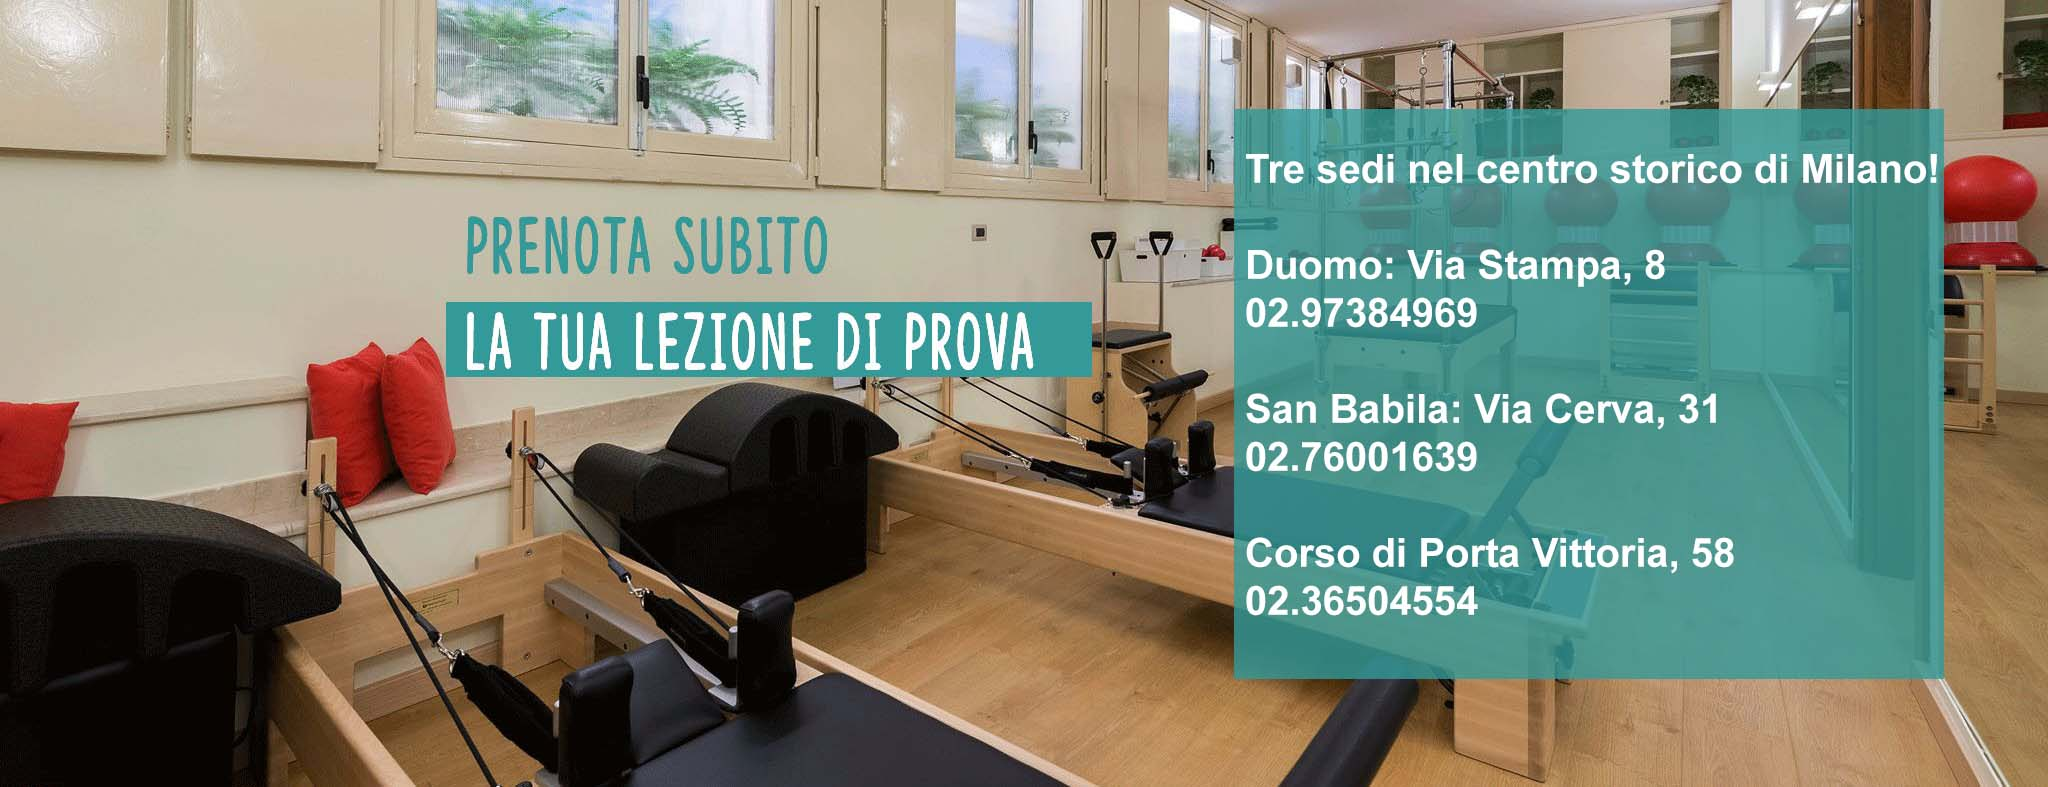 Pilates Anziani Via Buccinasco Milano - Prenota subito la tua lezione di prova